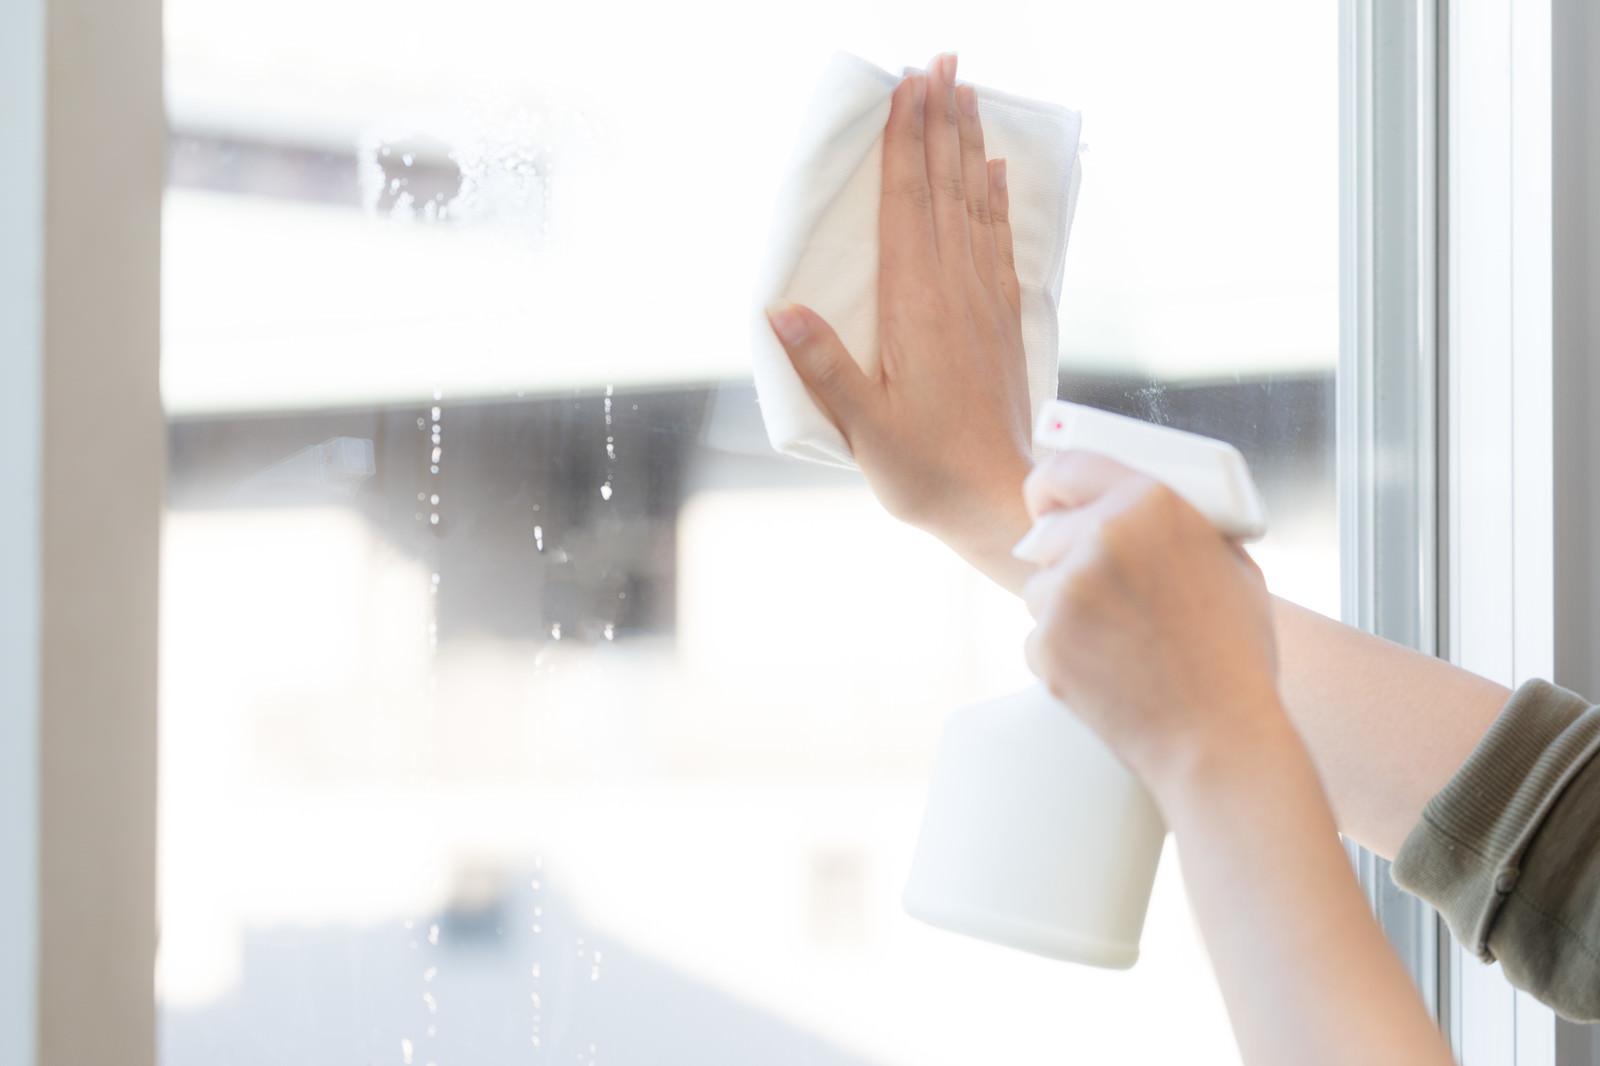 「暮れの大掃除で窓を拭く」の写真